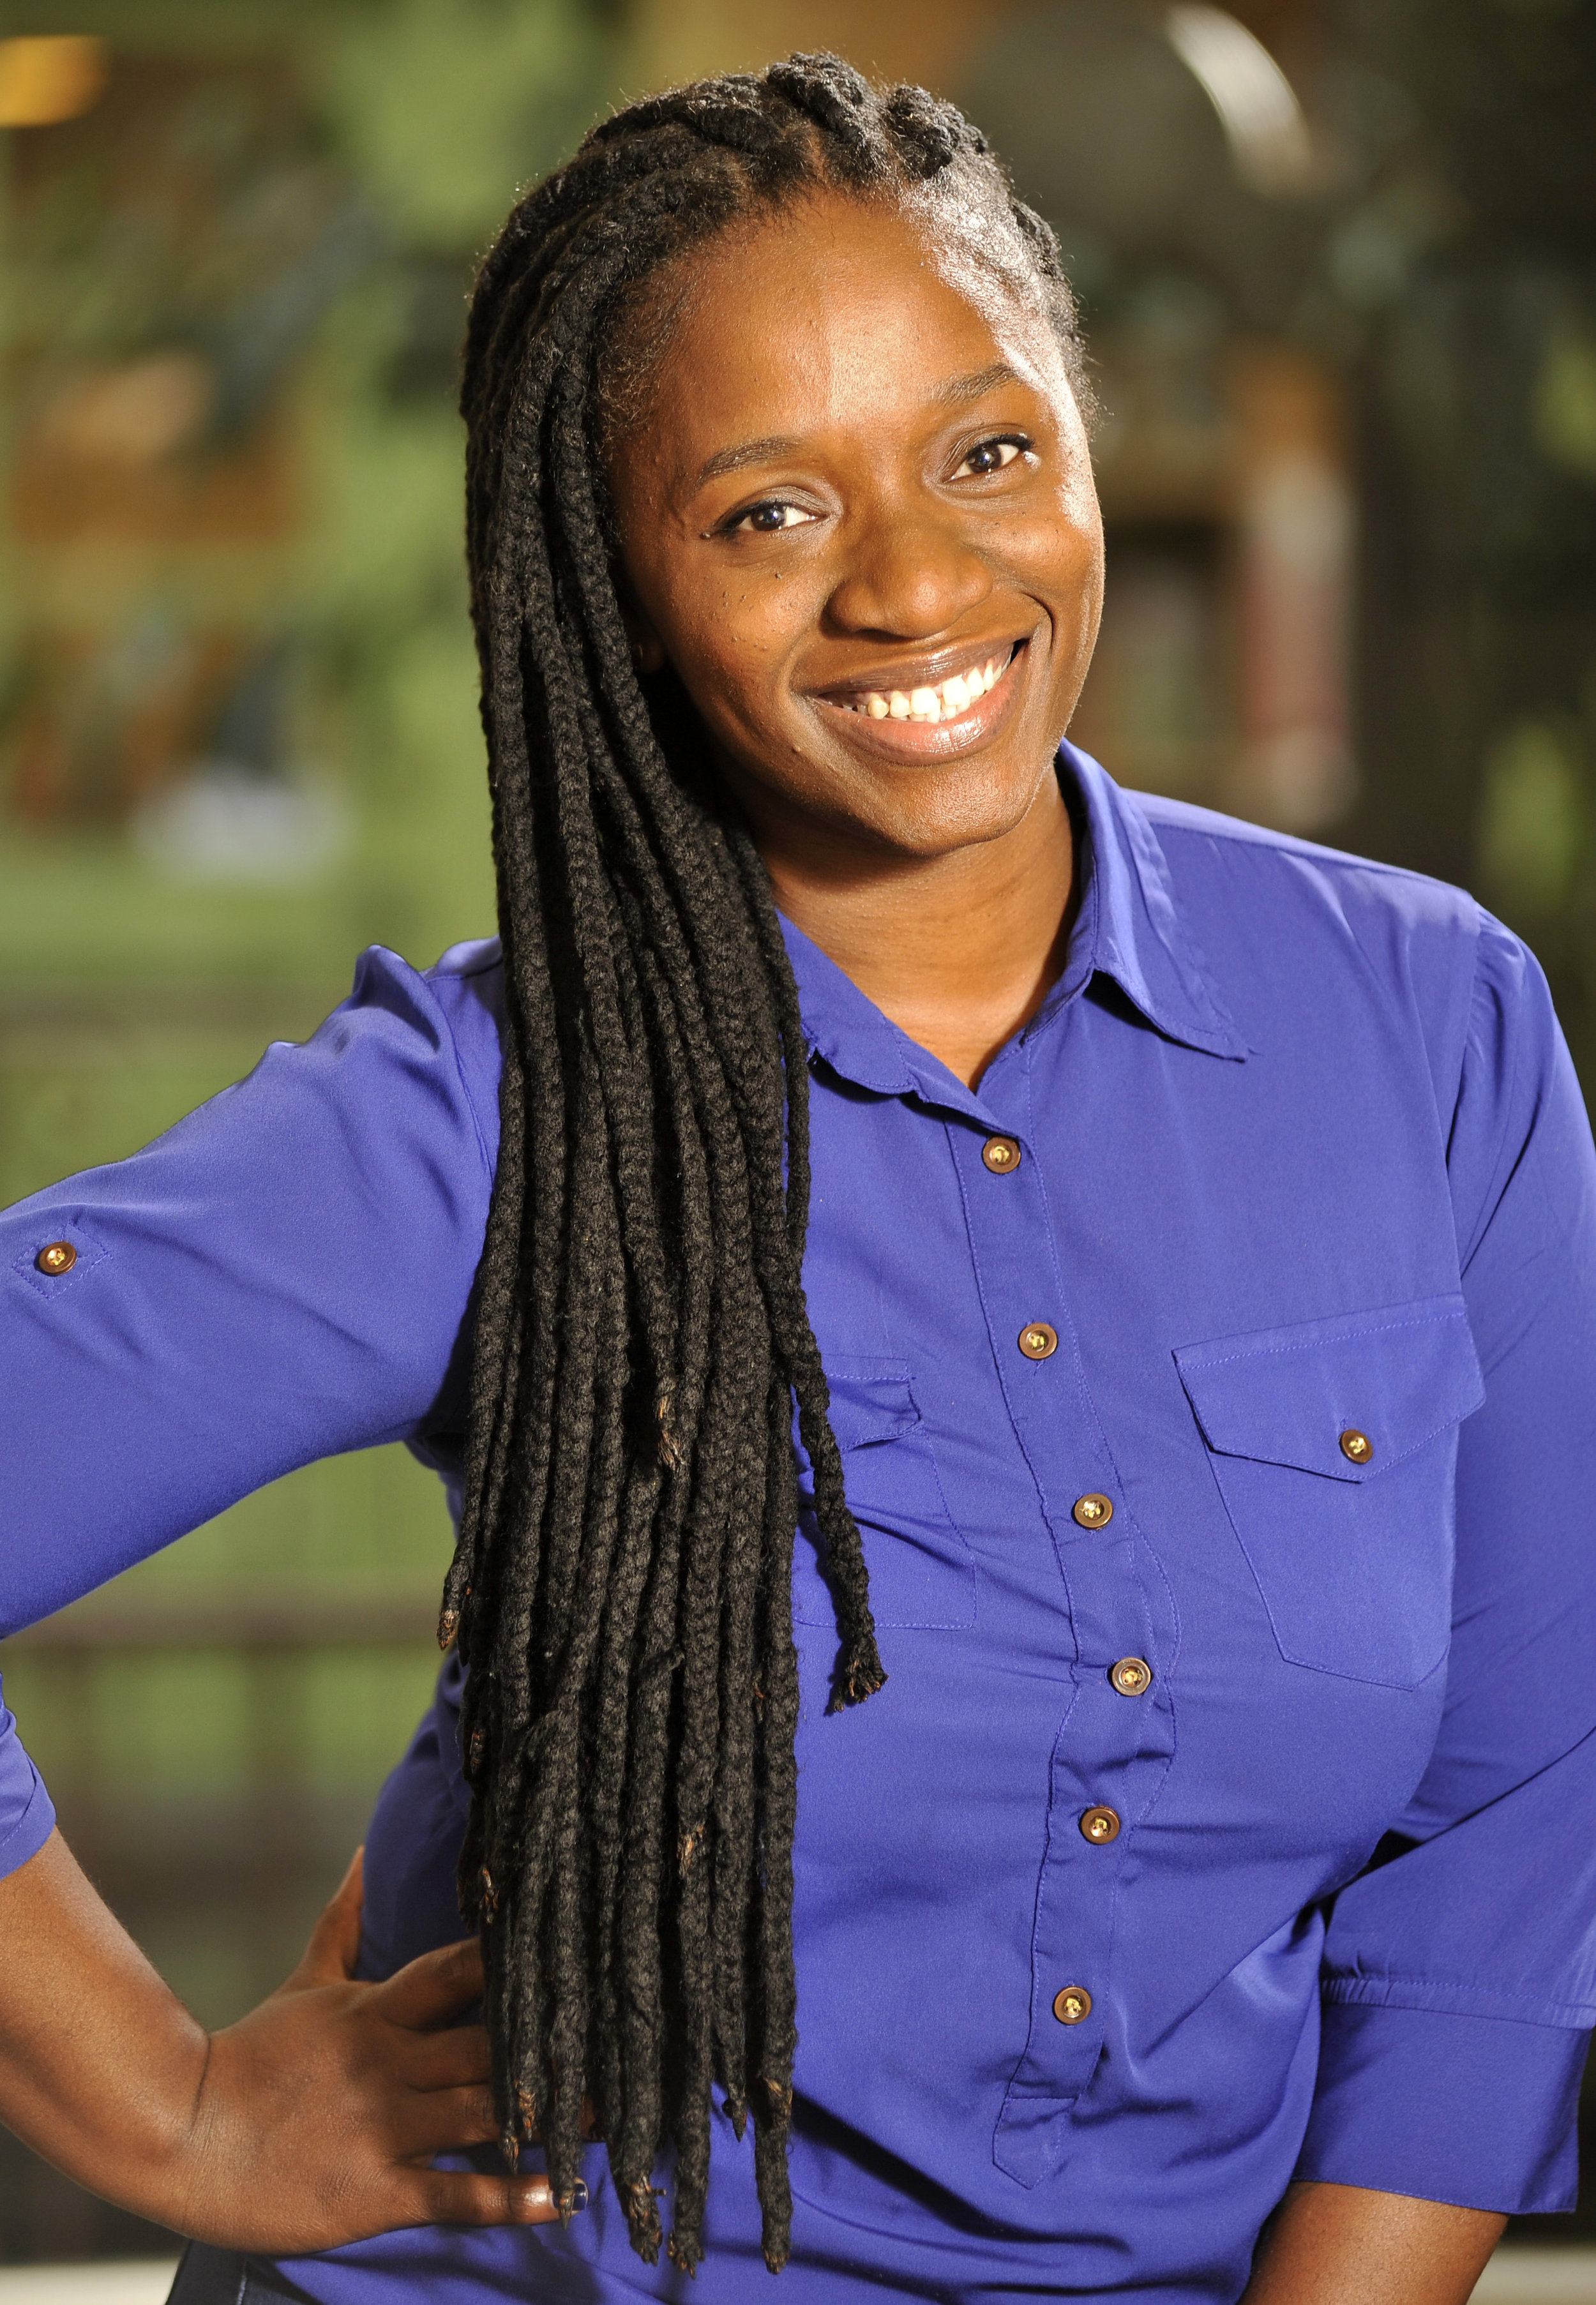 Ciera ThorntonProgram Coordinator - ciera@imaginela.org